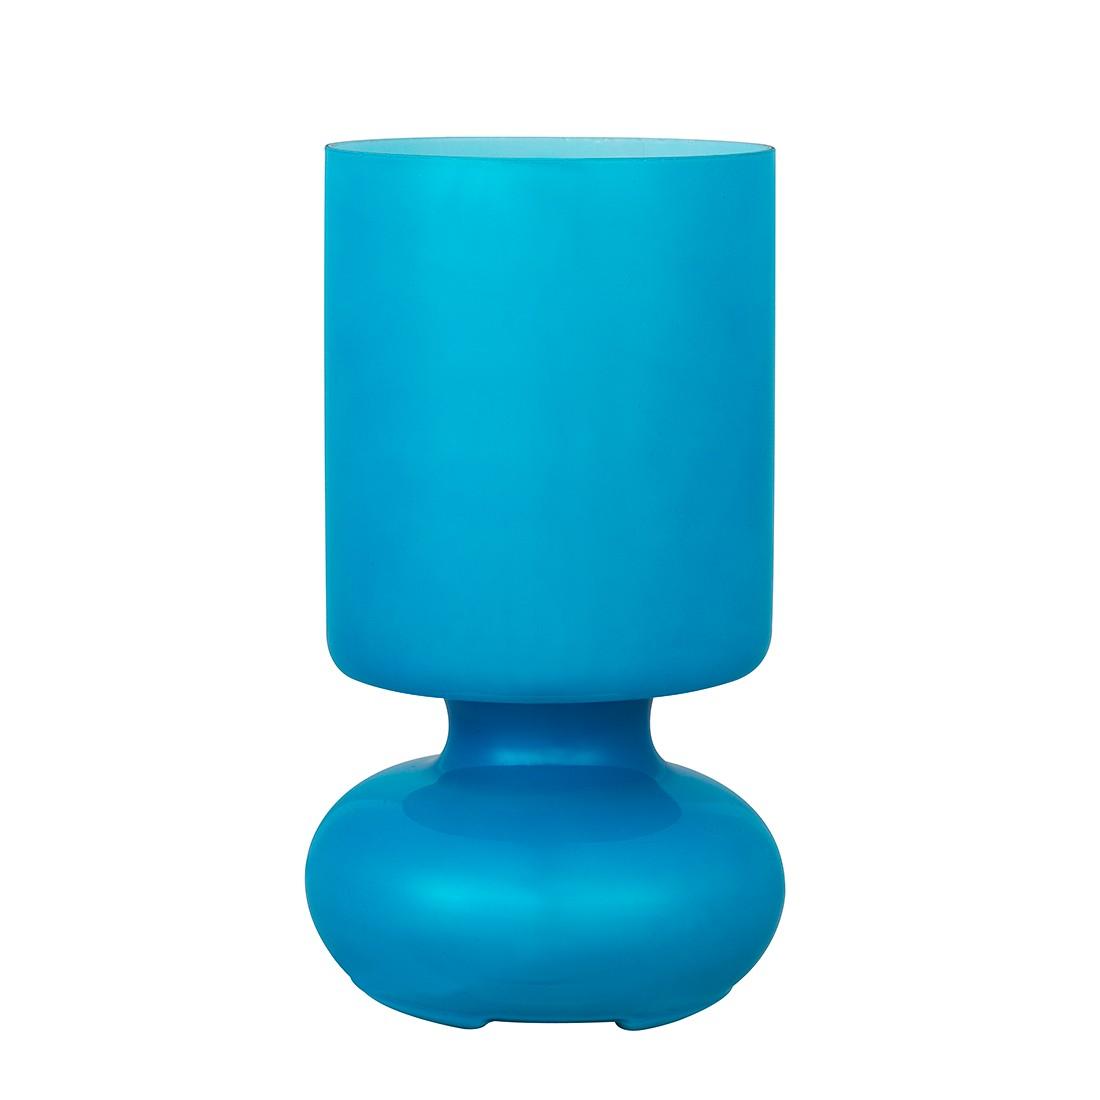 EEK A++, Tischleuchte Fuerte - Glas - Blau - 1-flammig, Brilliant